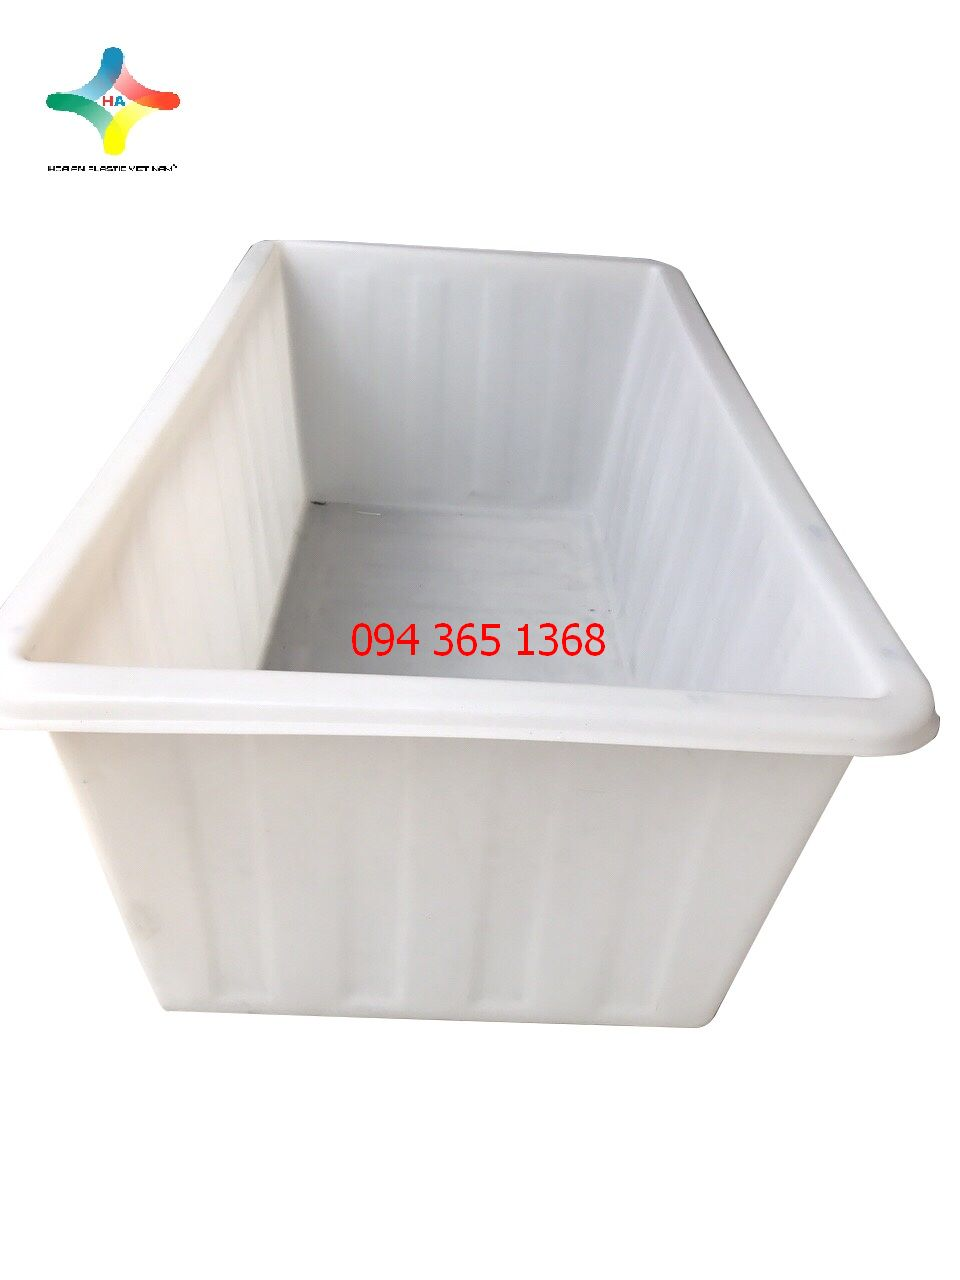 Thùng nhựa chữ nhật dung tích 1200L